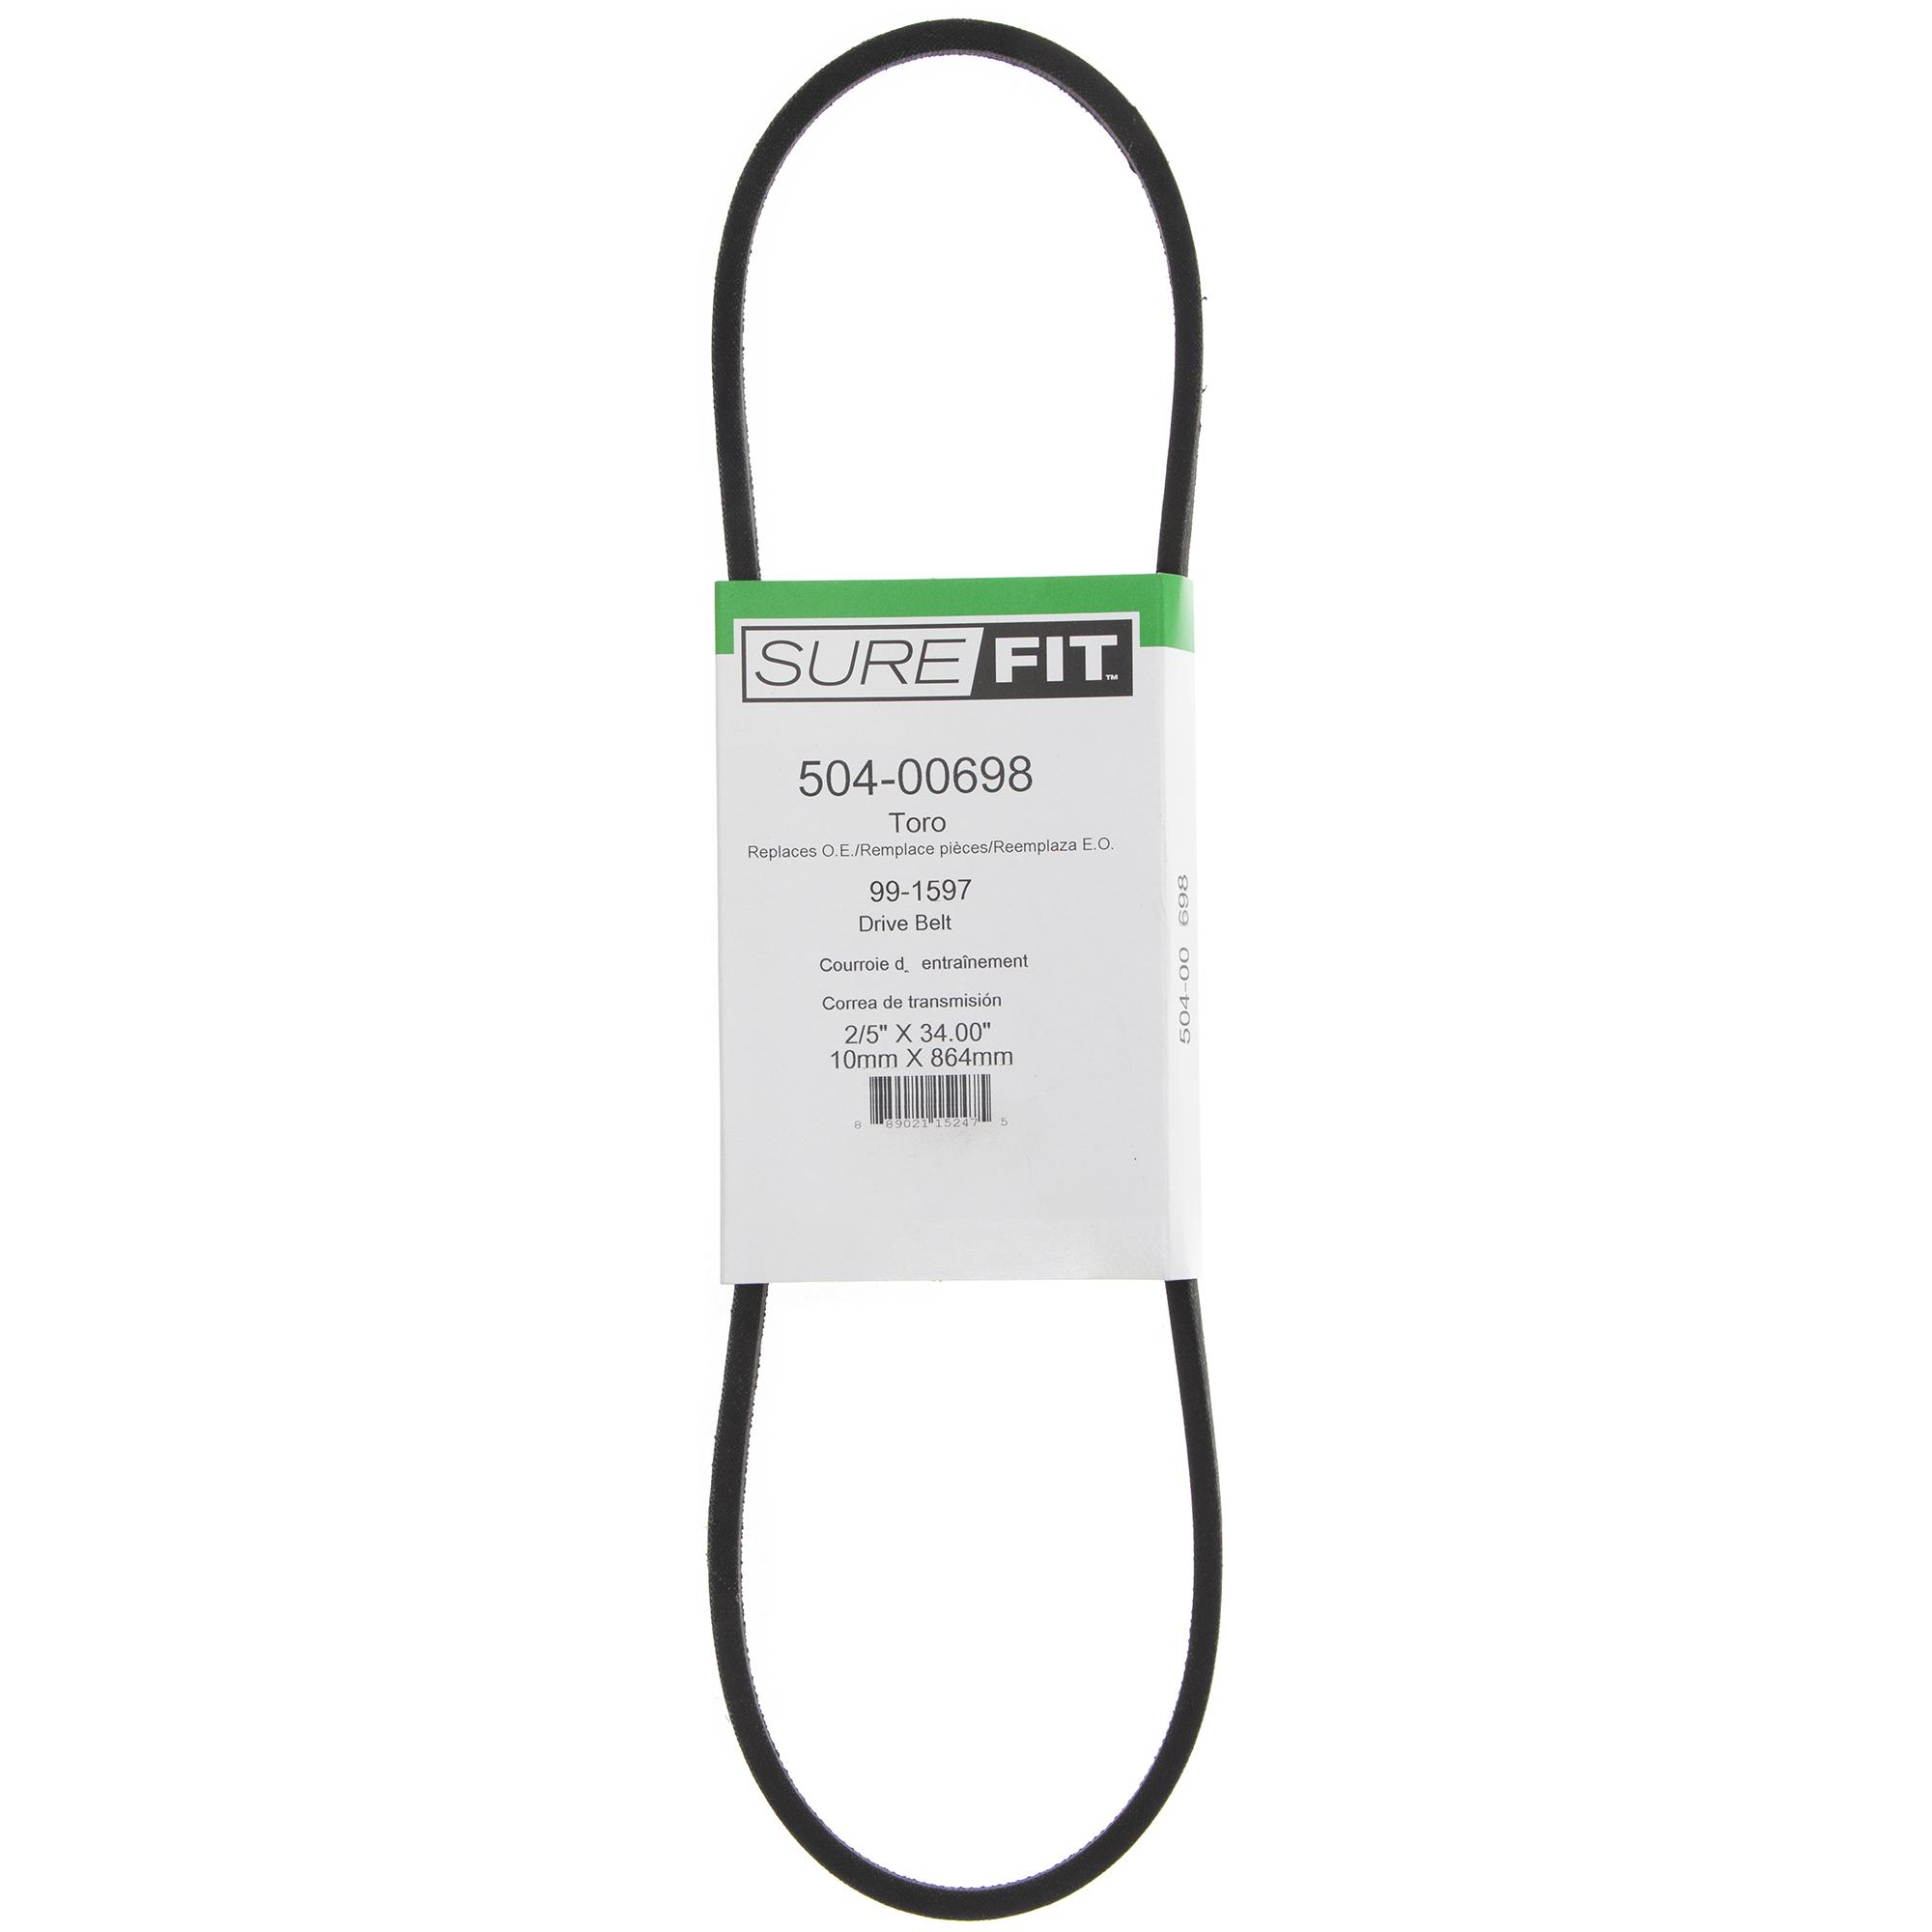 SureFit PTO Drive Belt for Ariens 07237900 Gravely Zoom ZT 1634 1840 2040 2450